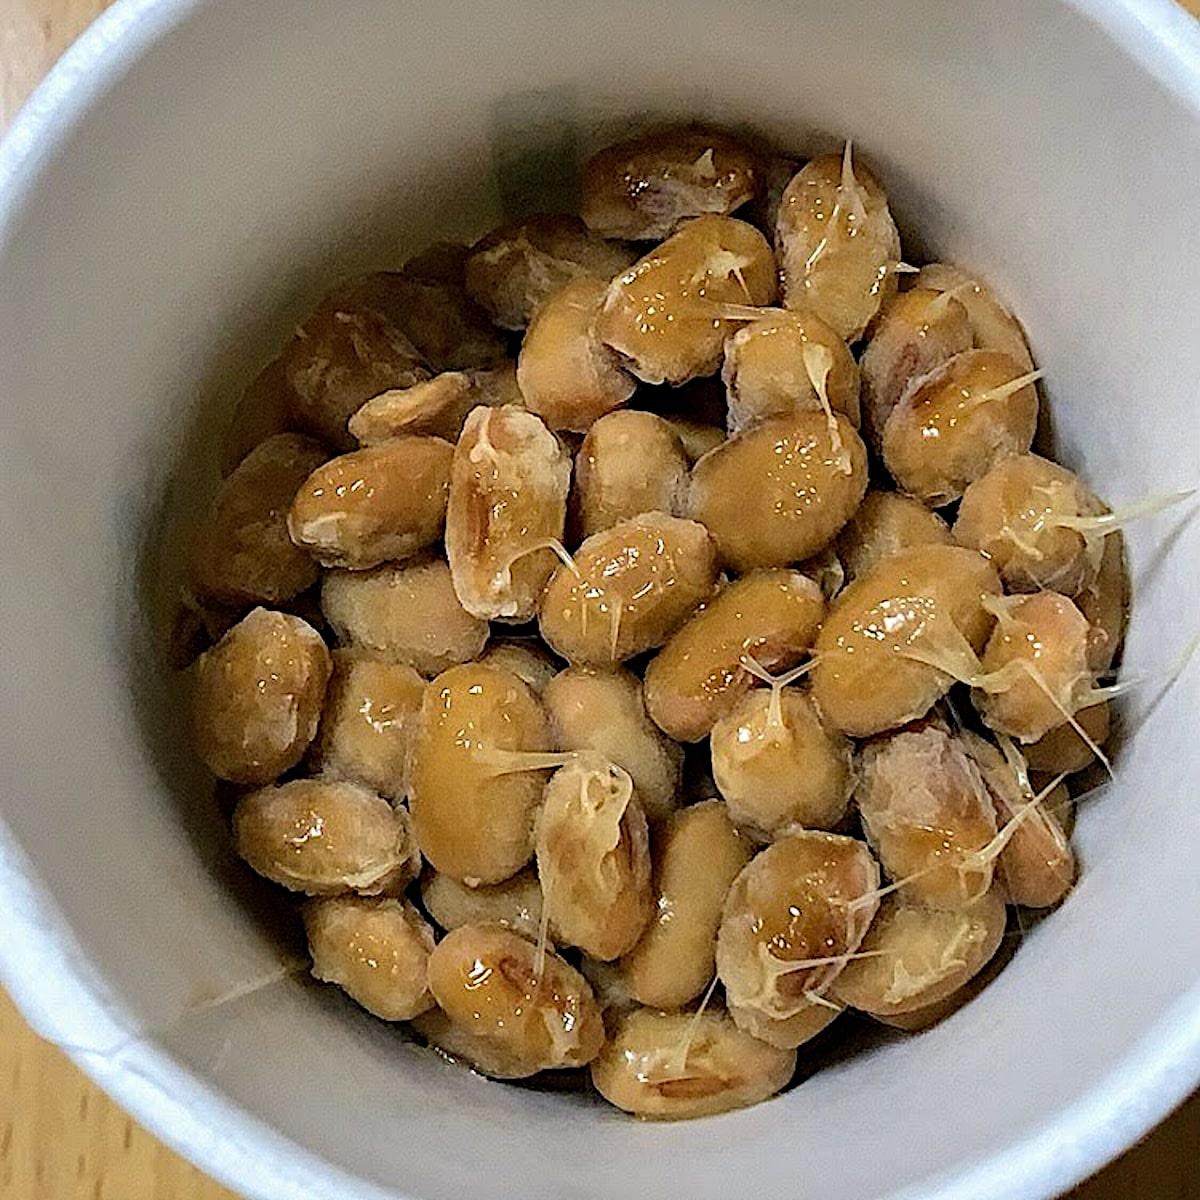 「有機認定大豆使用 小粒納豆」中の納豆の画像